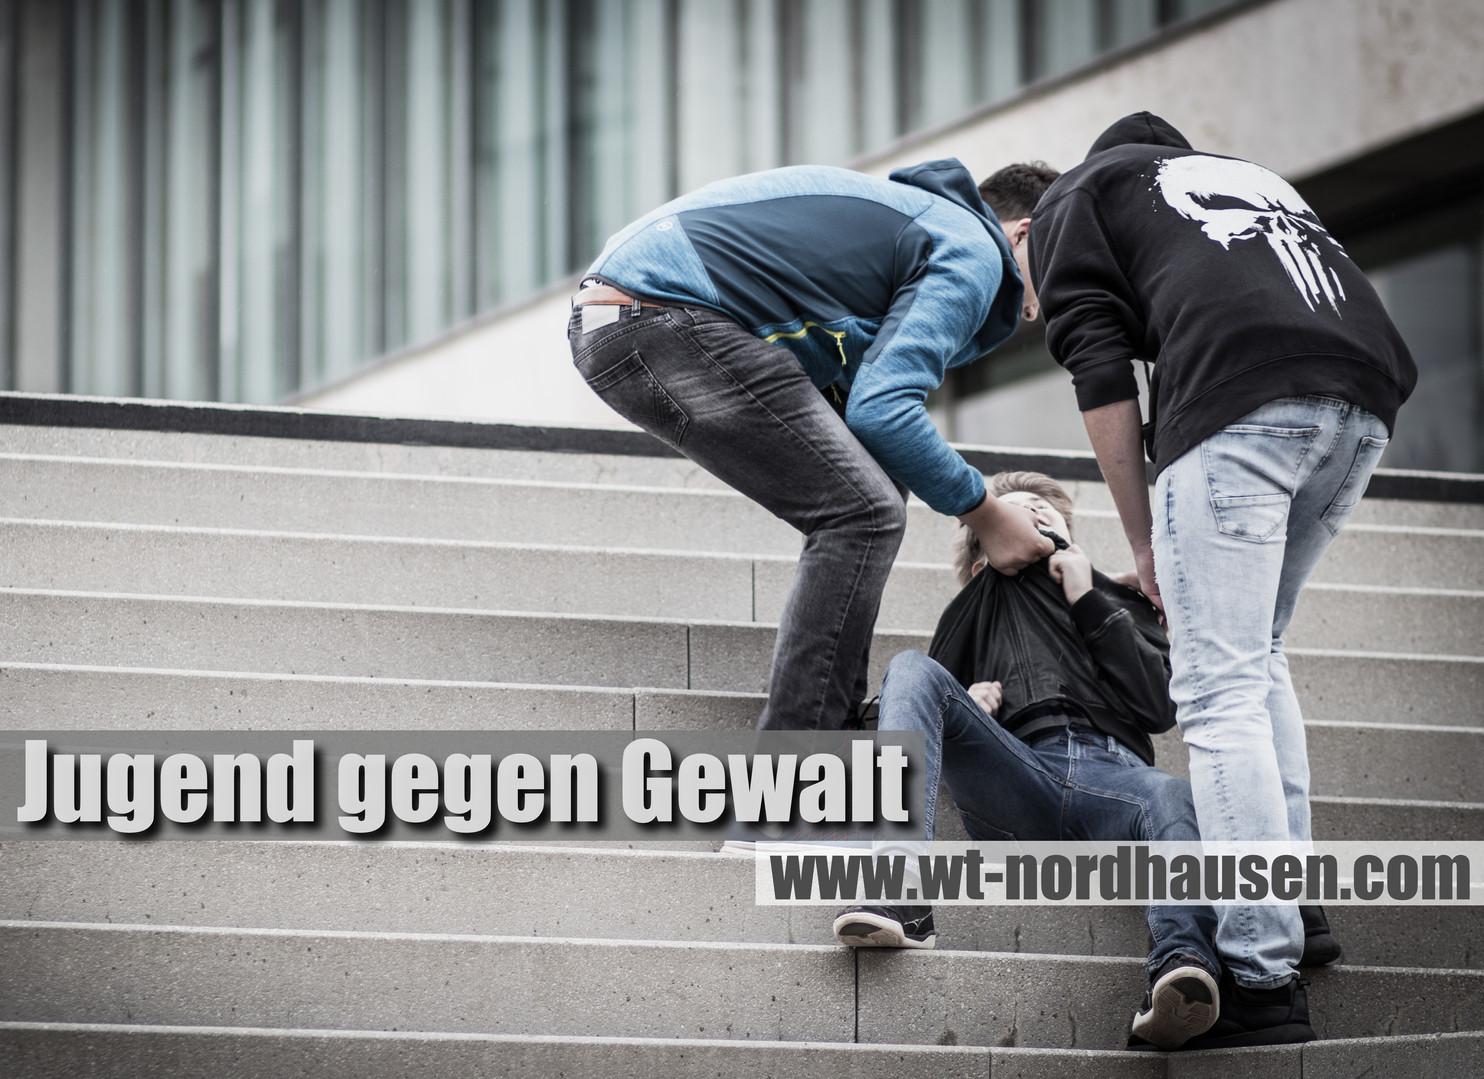 Jugend gegen Gewalt in Nordhausen